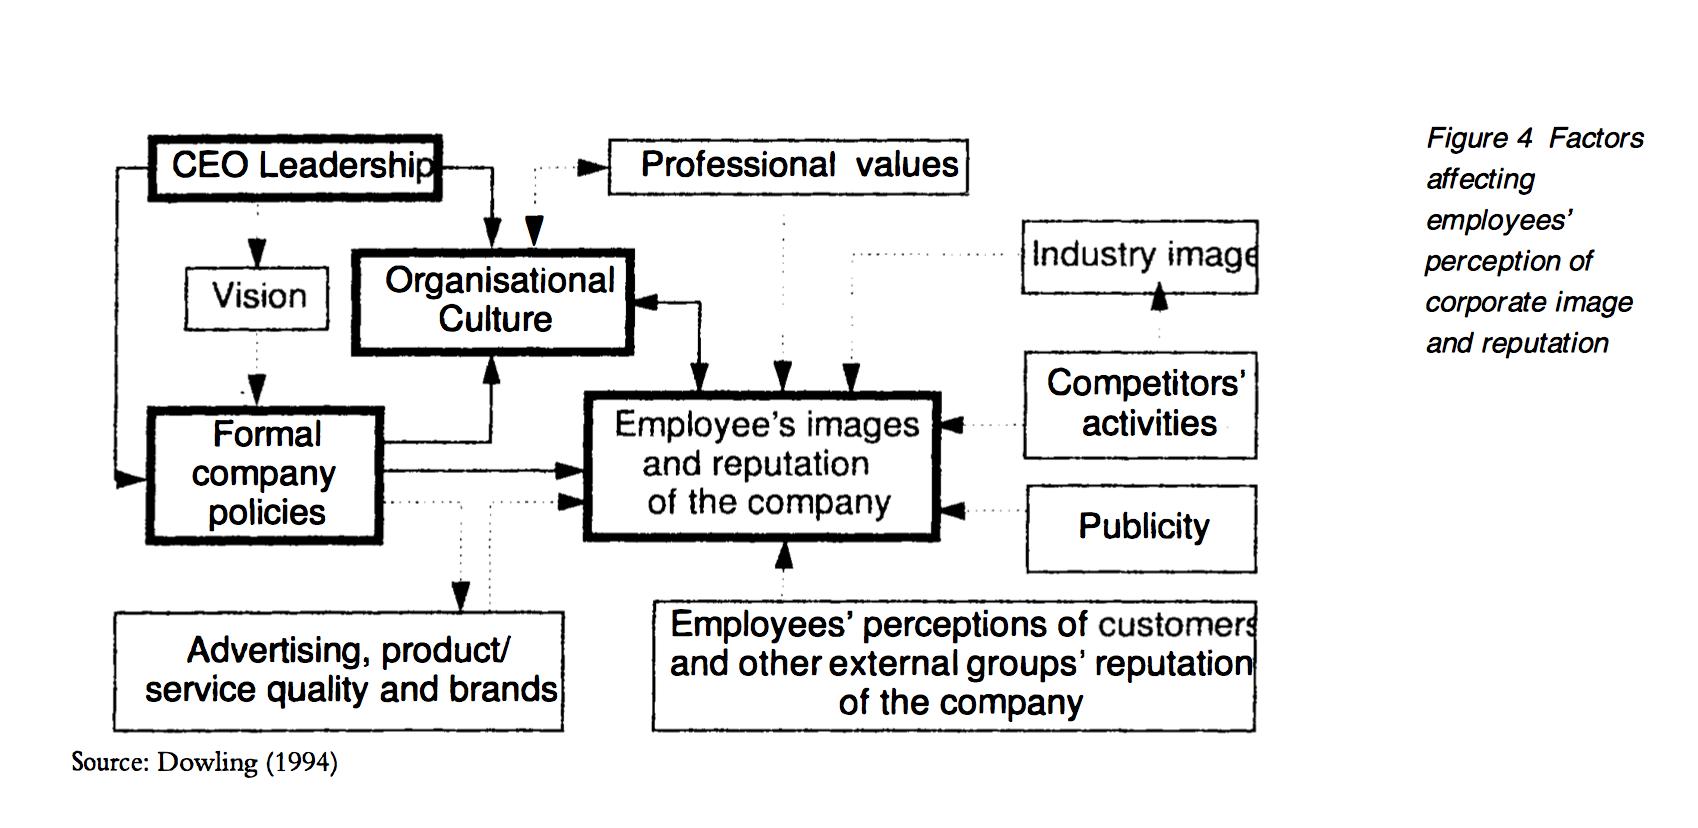 Mita moderni tyonantajabrandays tarkoittaa?